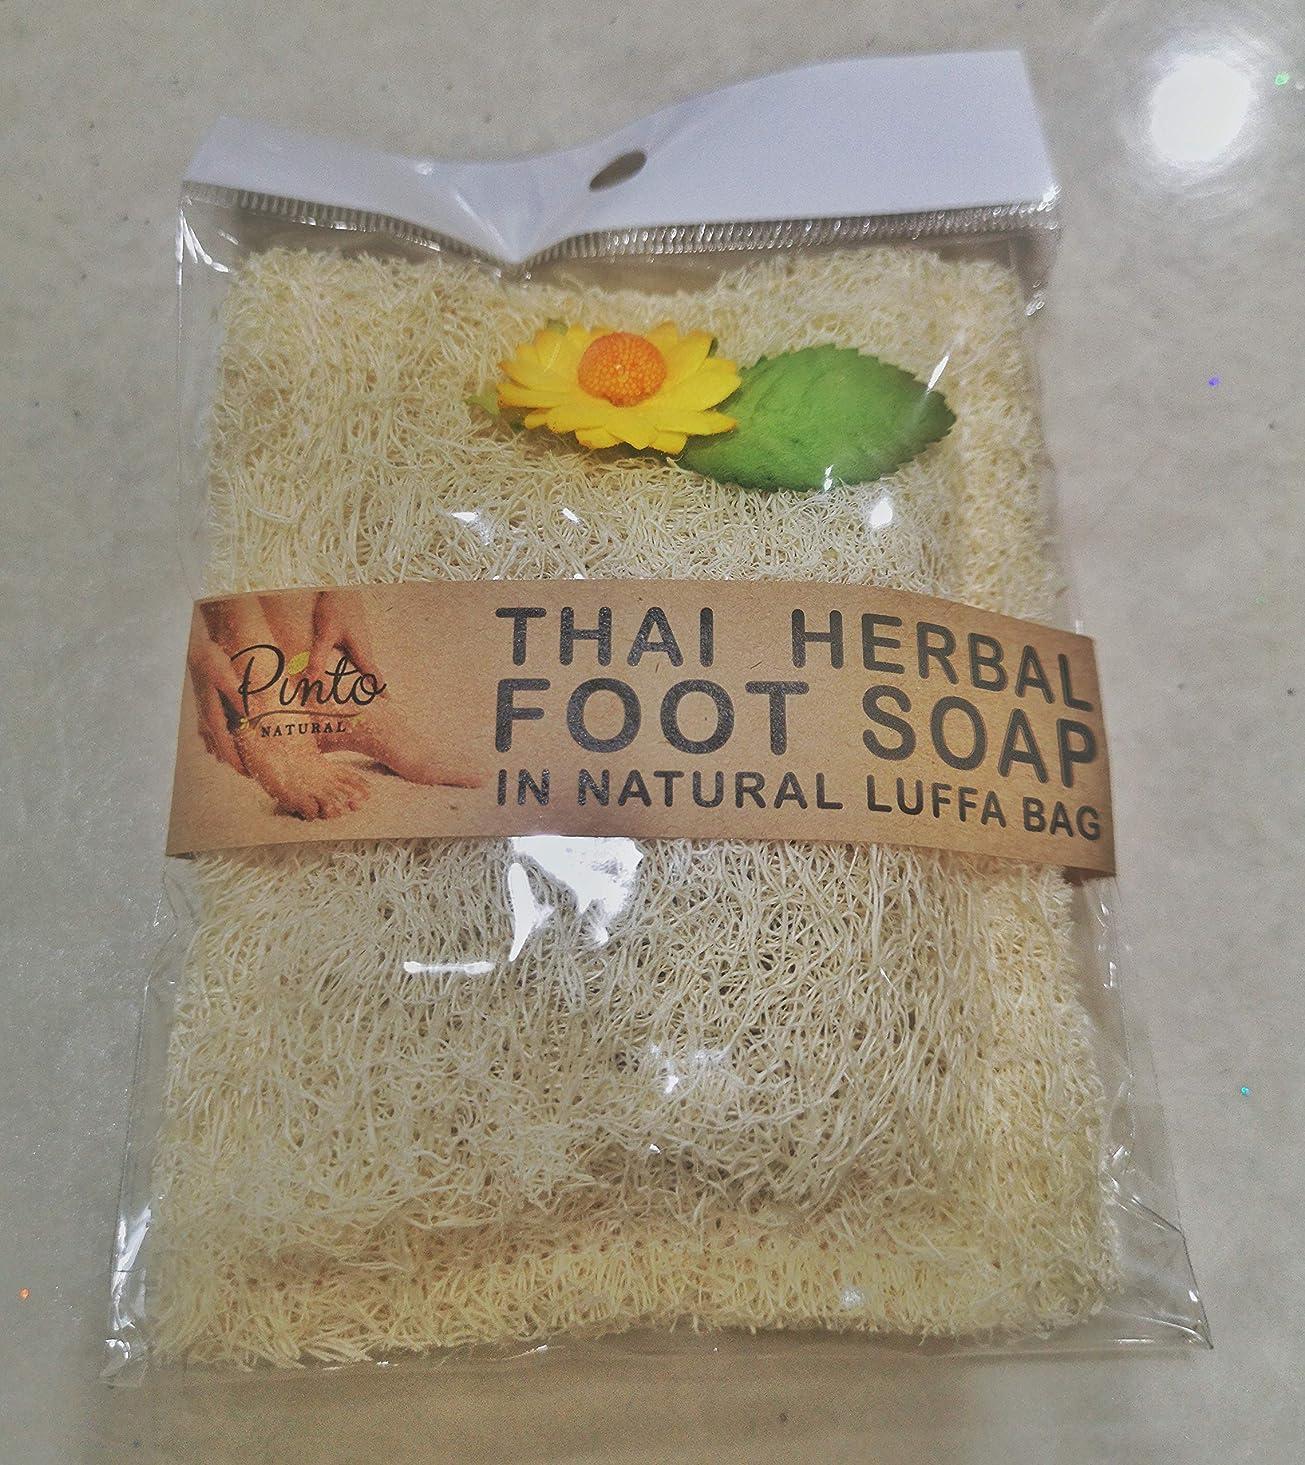 出くわすタブレットぜいたく1 PC THAI HERBAL FOOT SOAP WITH NATURAL LUFFA BAG WITH LEMONGRASS SMELL BODY SCRUBB WITH NATURAL FREE SHIPPING